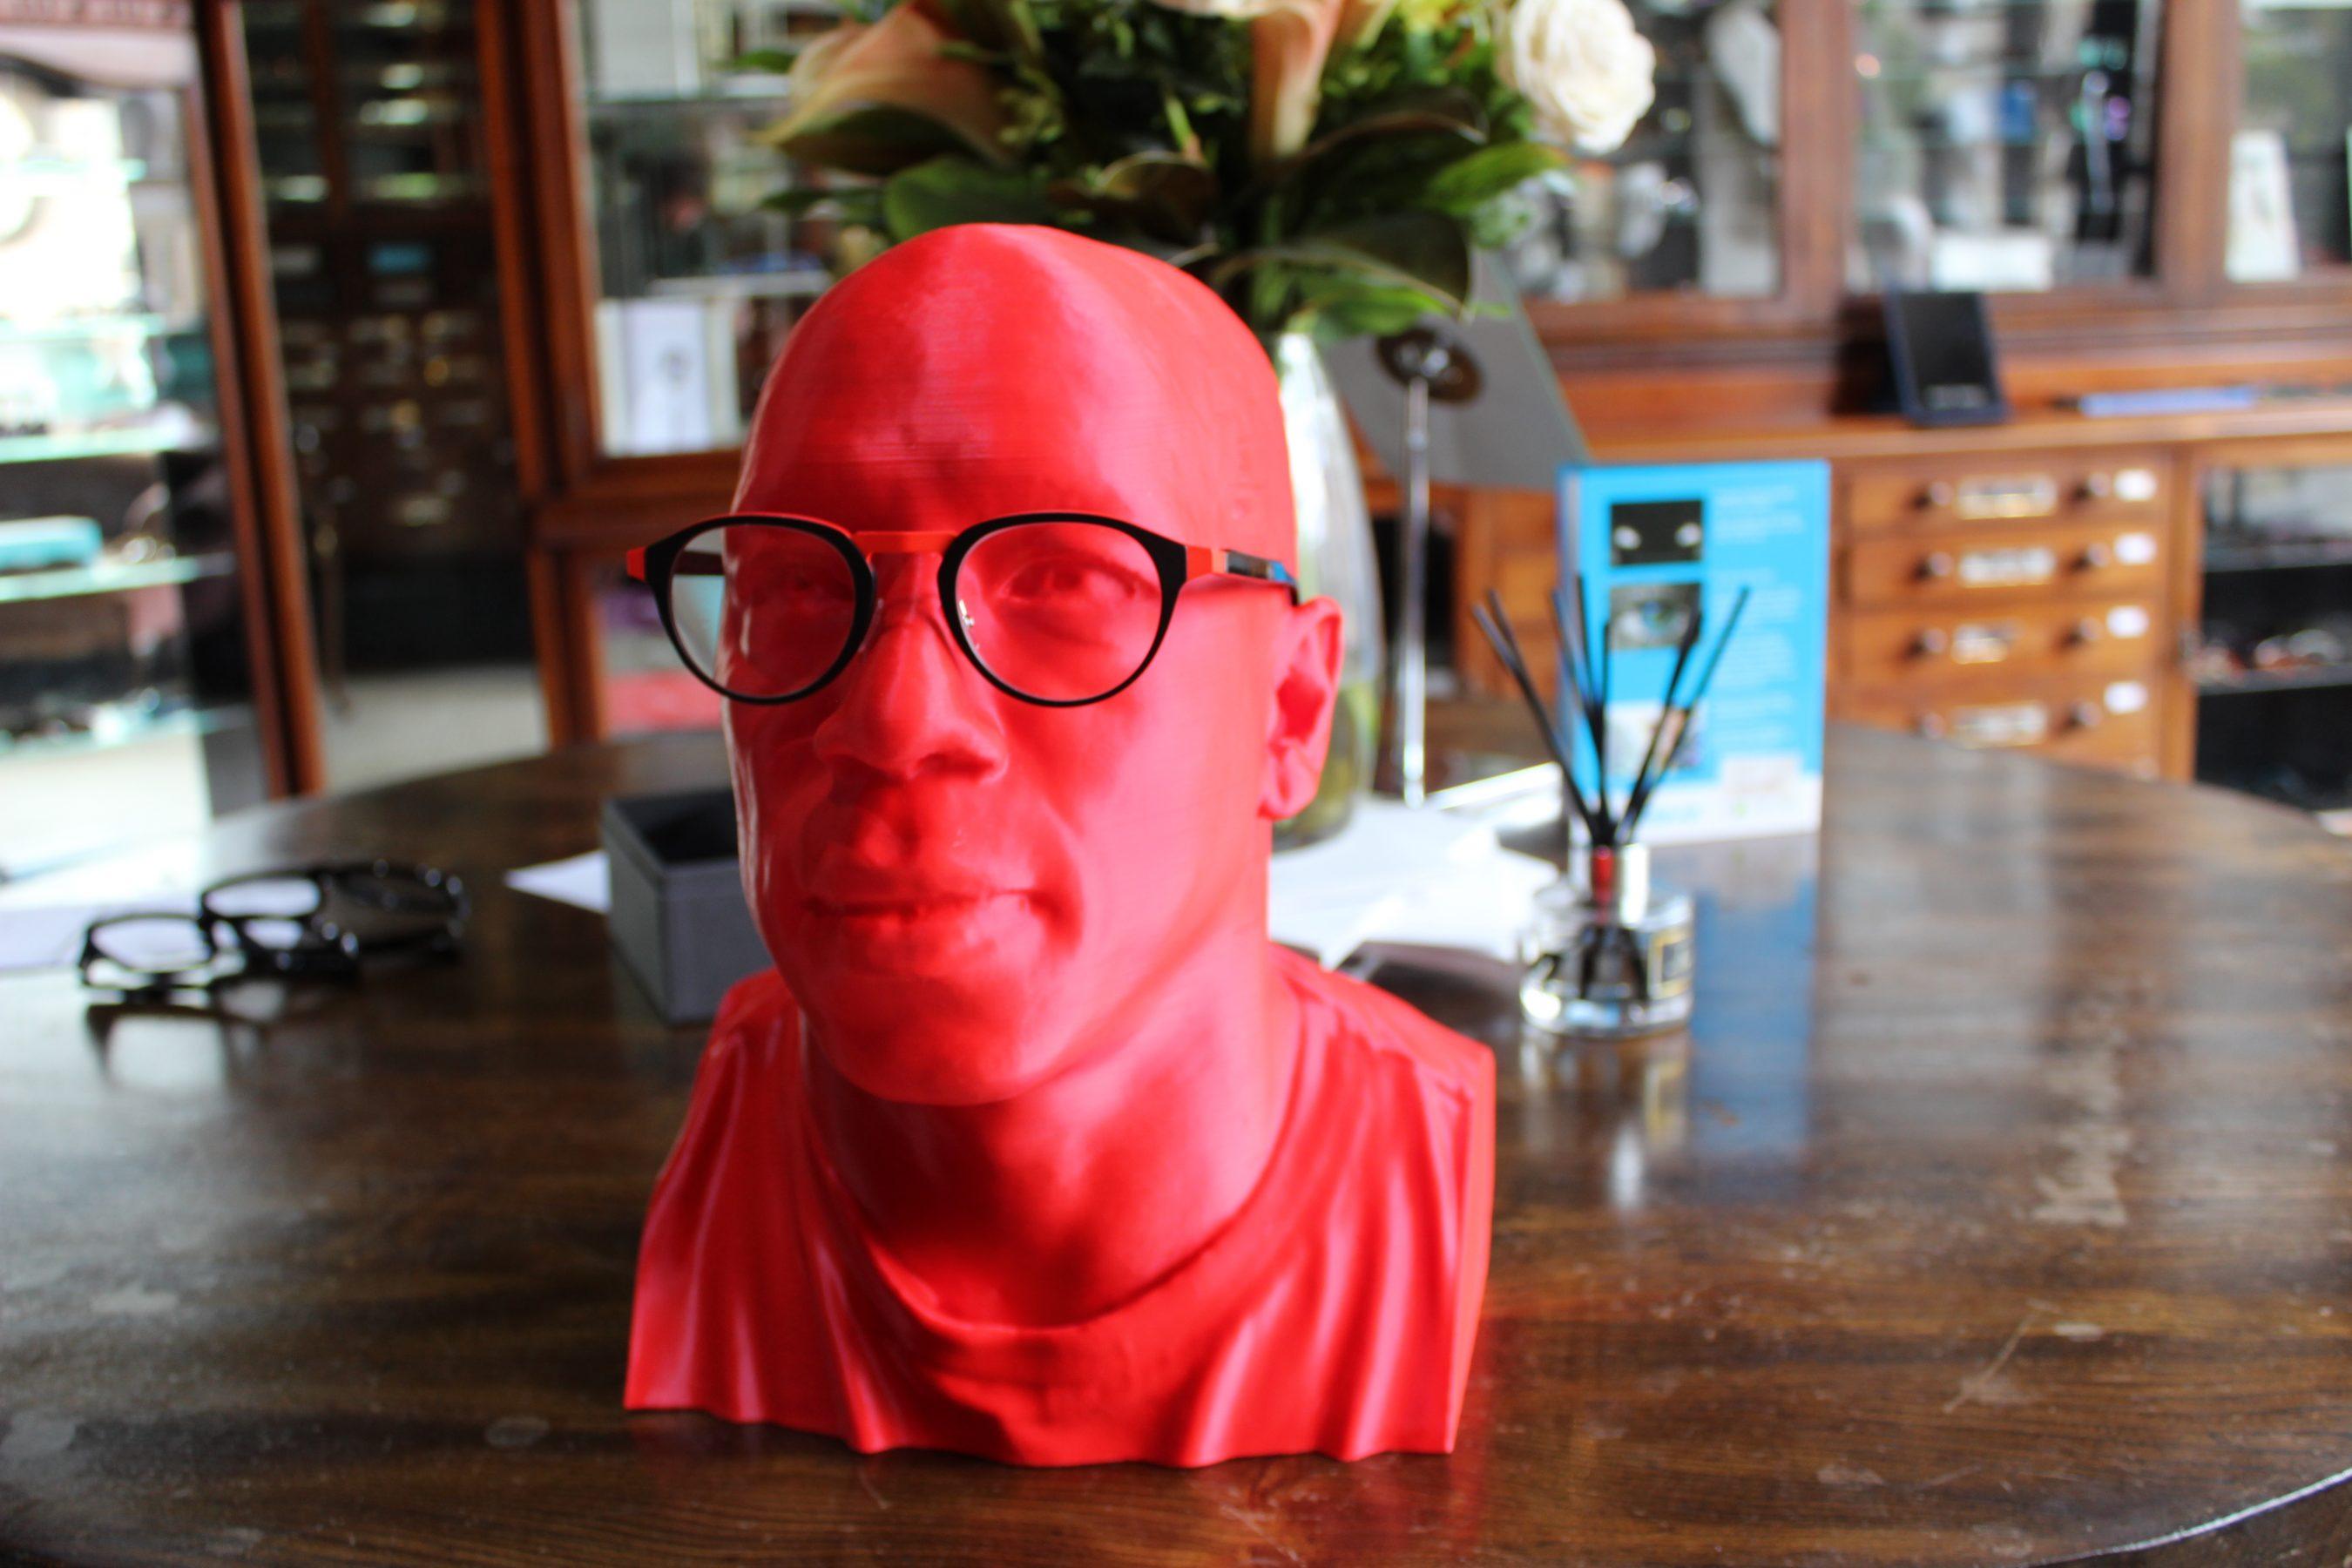 Ian Wright's Red Head Bespoke Eyewear